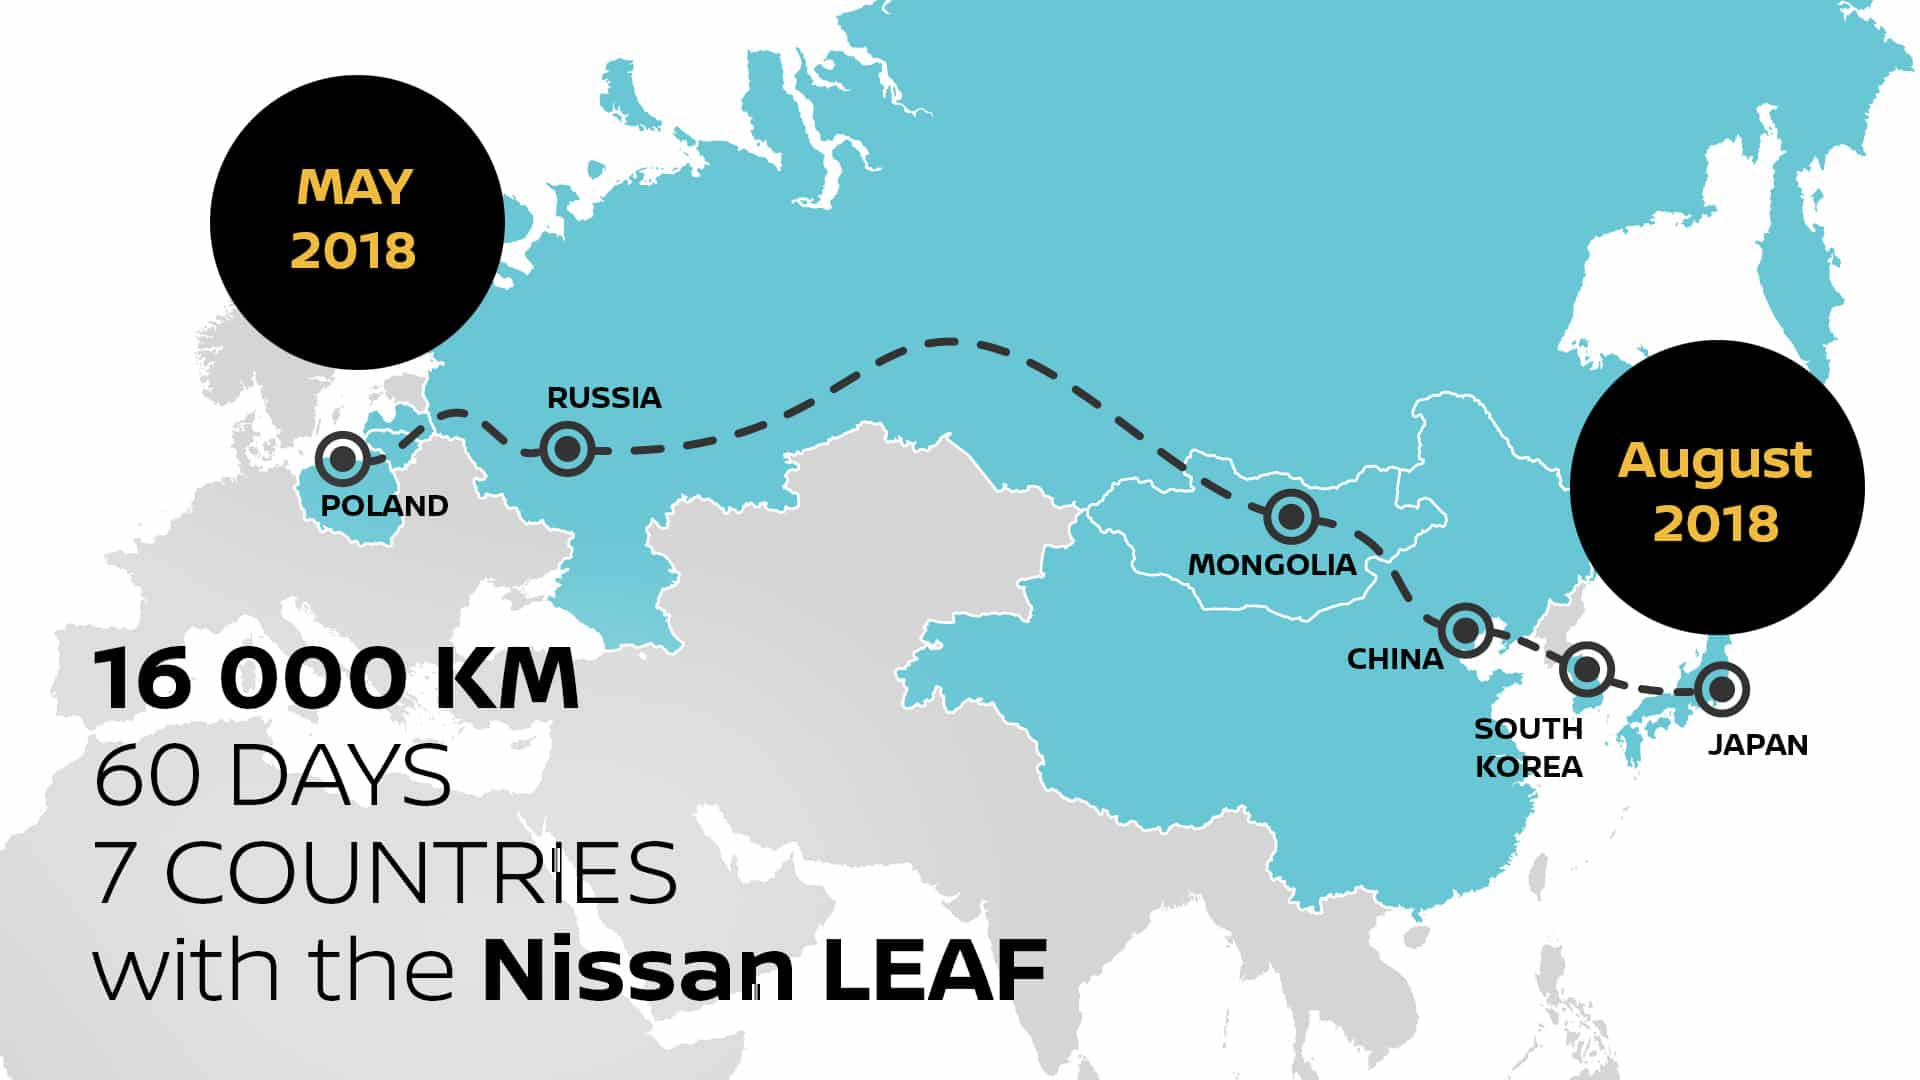 Abenteurer fährt neuen Nissan Leaf über 16.000 Kilometer und zwei Kontinente » 426232360 Abenteurer f hrt neuen Nissan Leaf ber 16 000 Kilometer und zwei